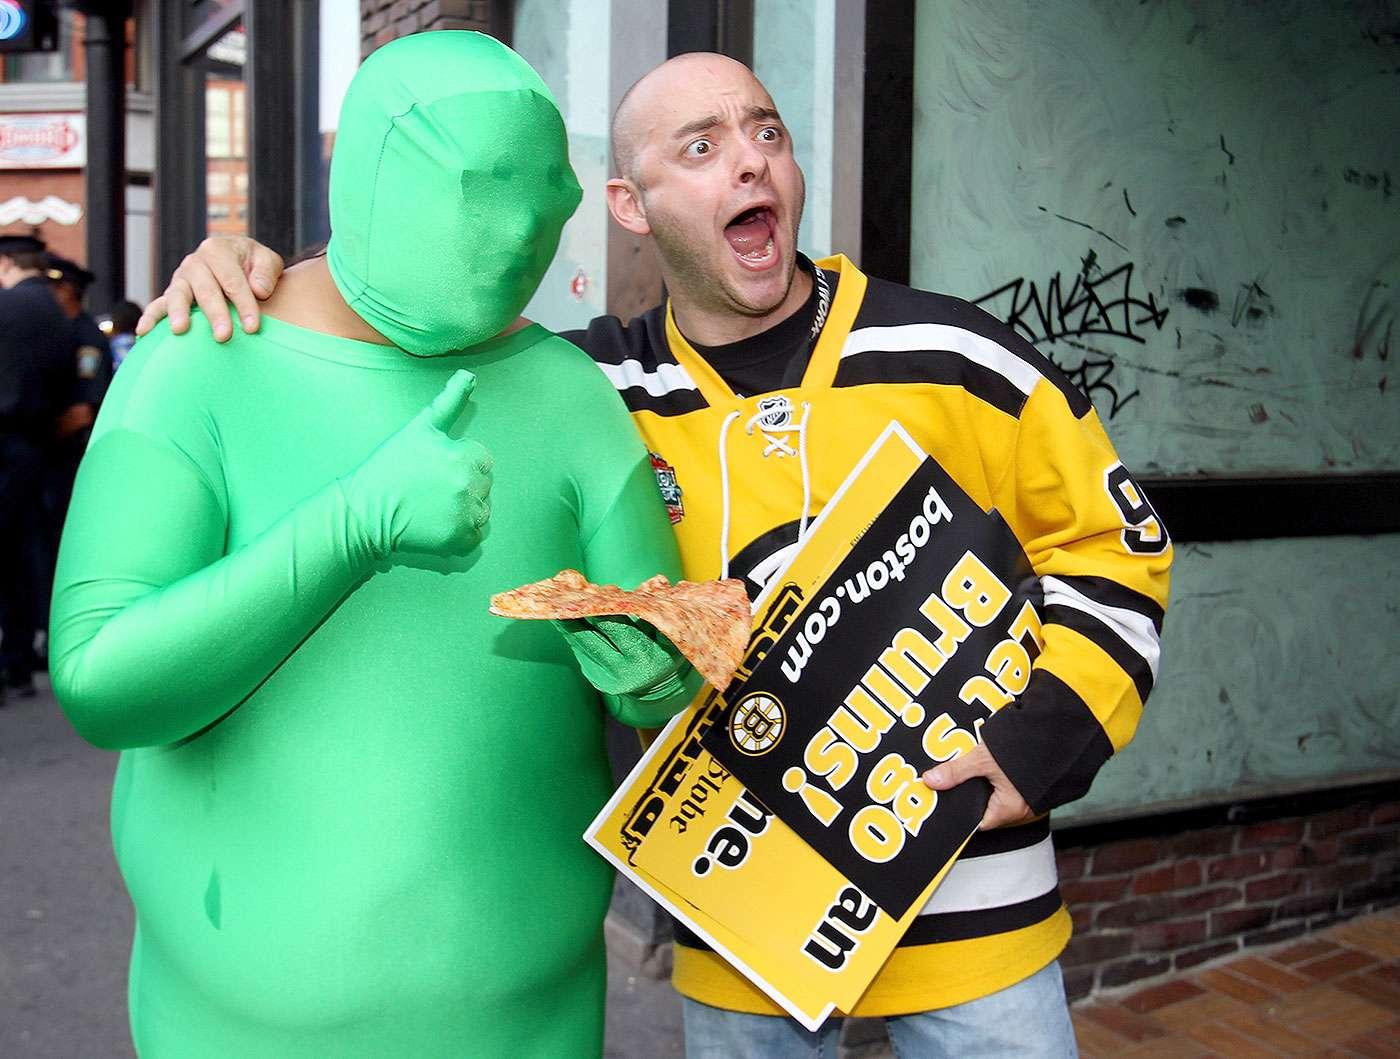 """Las mejores mascotas no oficiales del deporte: Mascota: Green Men. Equipo: Vancouver Canucks. """"Canuck"""" es una forma de llamar a los canadienses, aunque para otros es referencia a las ballenas del norte del continente americano. Los Green Man son unos personajes que molestan a los jugadores y rivales de los Vancouver Canucks cuando están en la caja de castigo durante los juegos de la NHL. Visten con un horrible spandex verde molestando a todos los jugadores que son sancionados. Foto: Jim Rogash/Getty Images"""